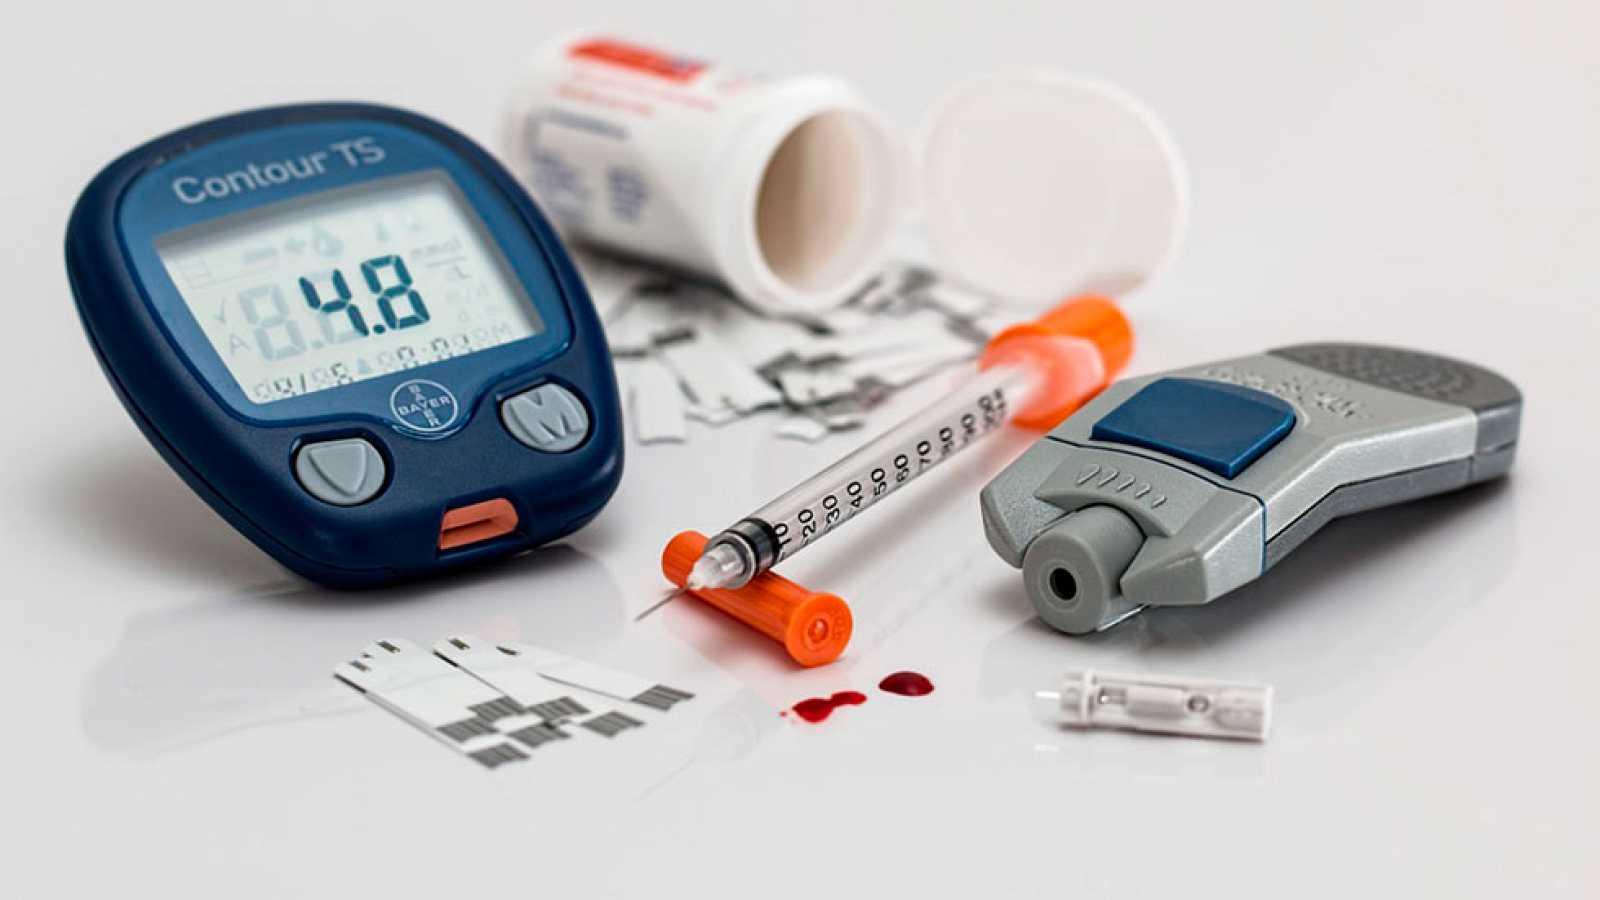 Presentan dispositivo electrónico para mejorar la vida de diabéticos